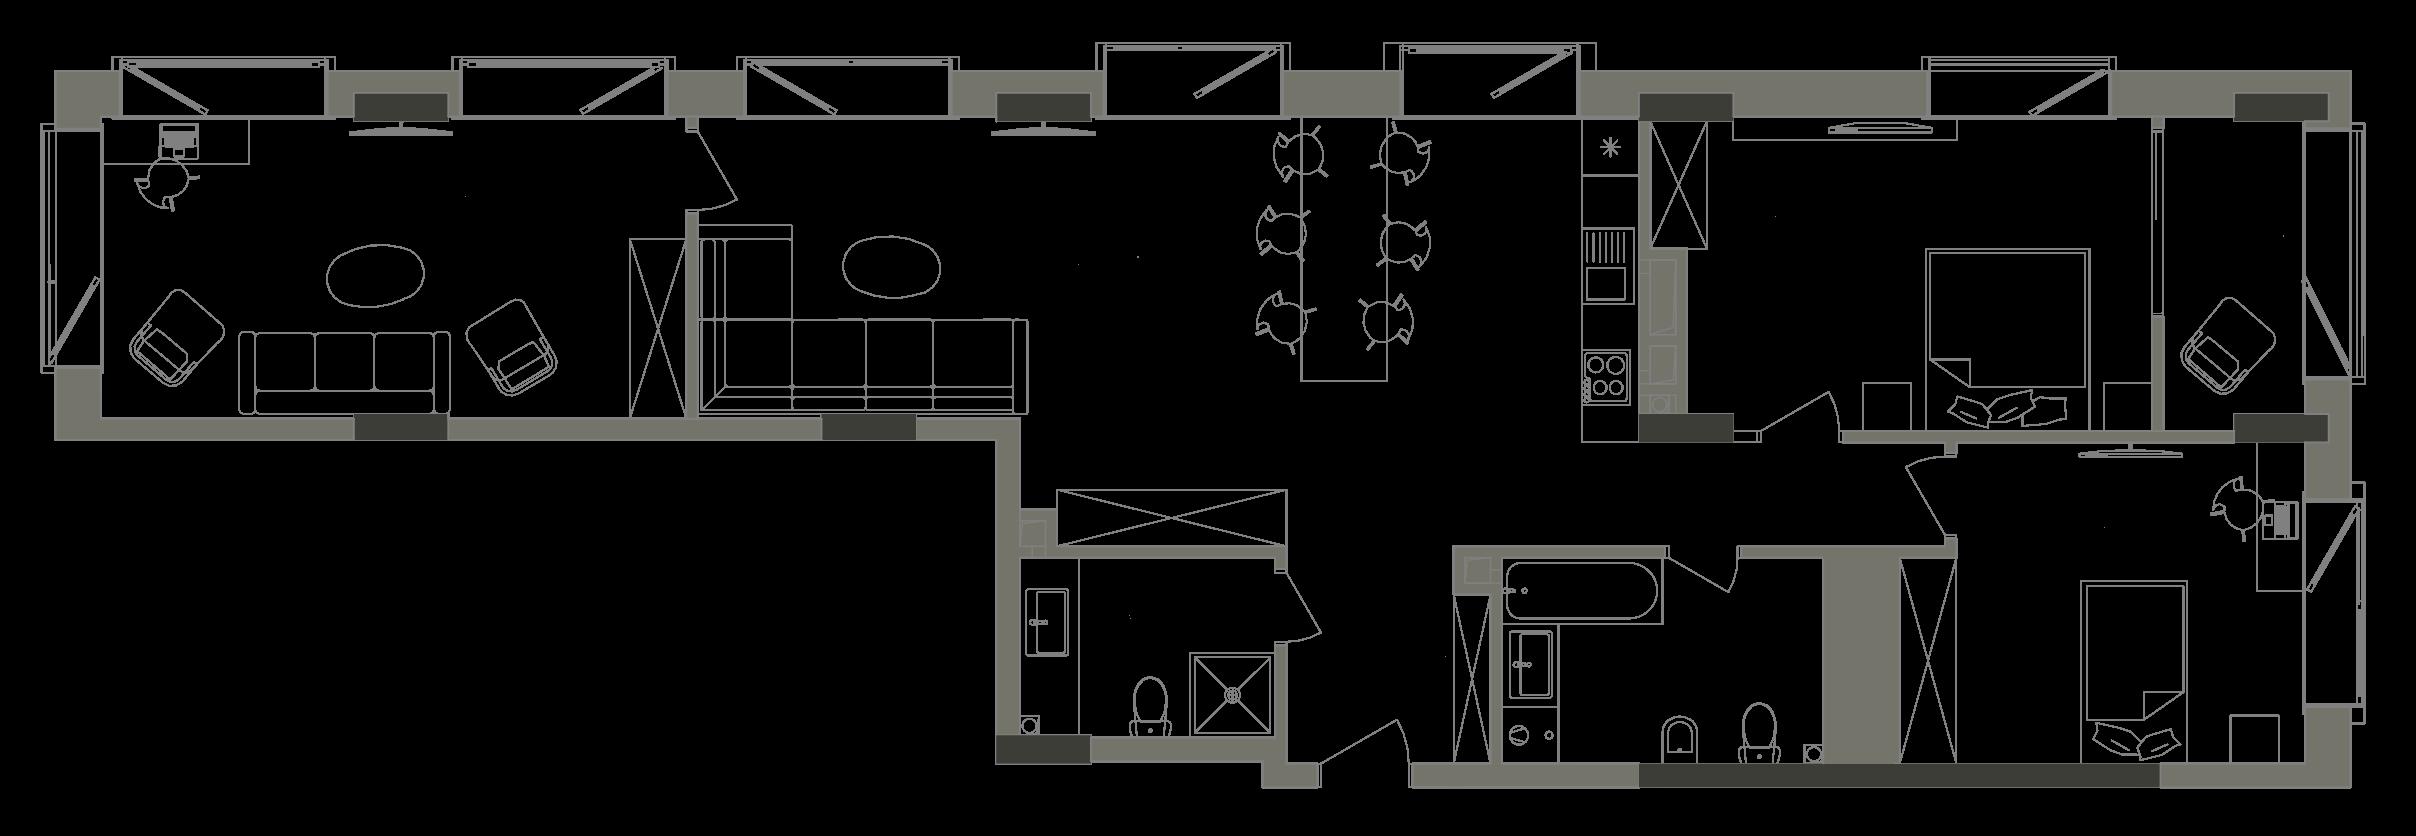 Квартира KV_58_3V_1_1_6